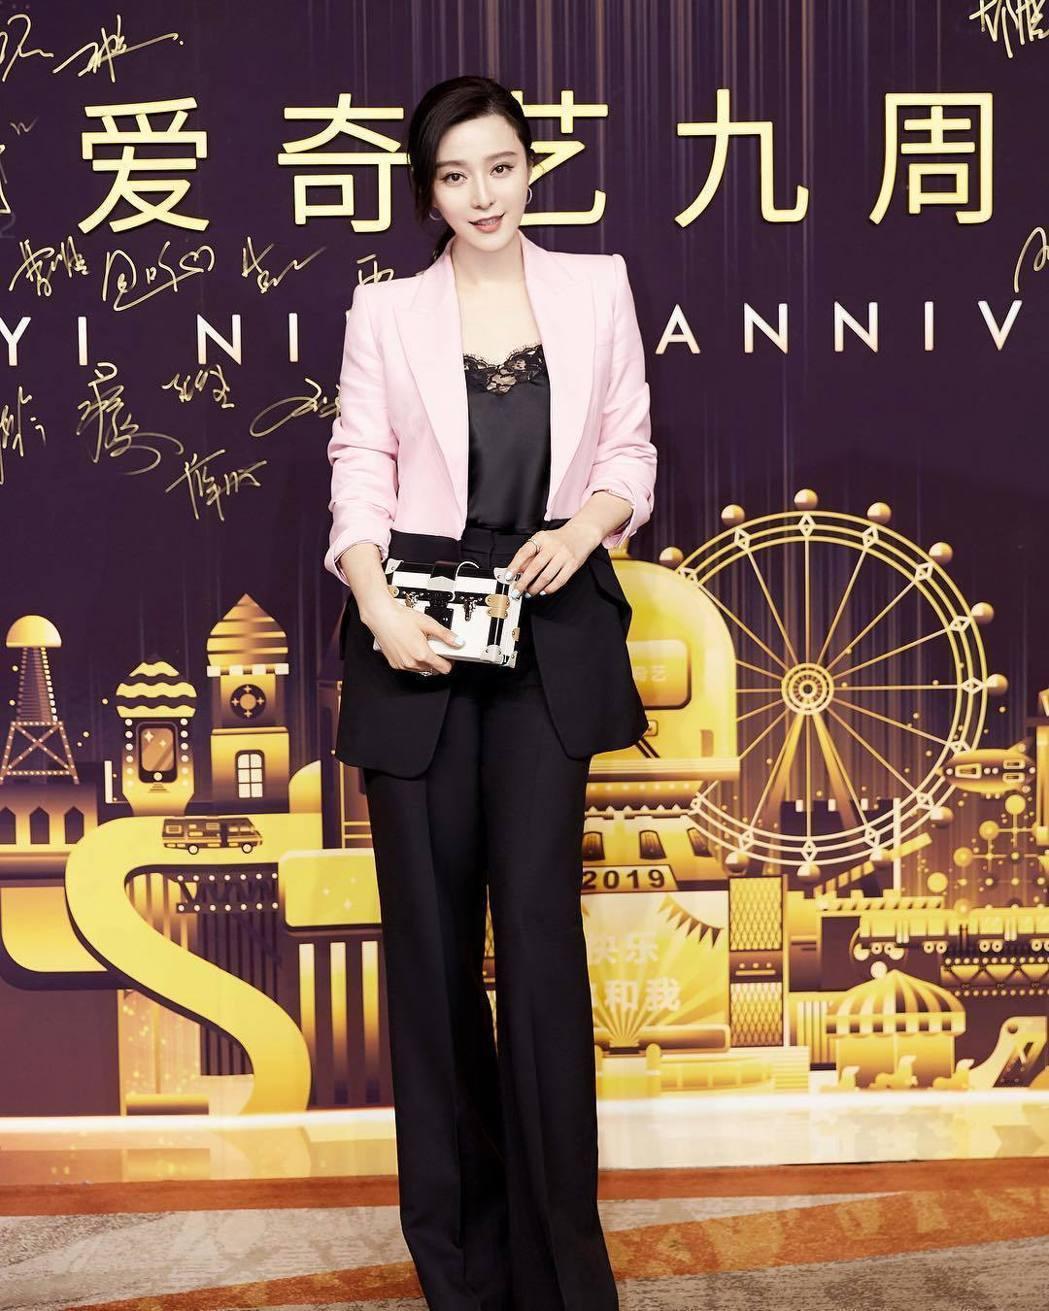 范冰冰日前出席愛奇藝9週年活動。圖/摘自IG